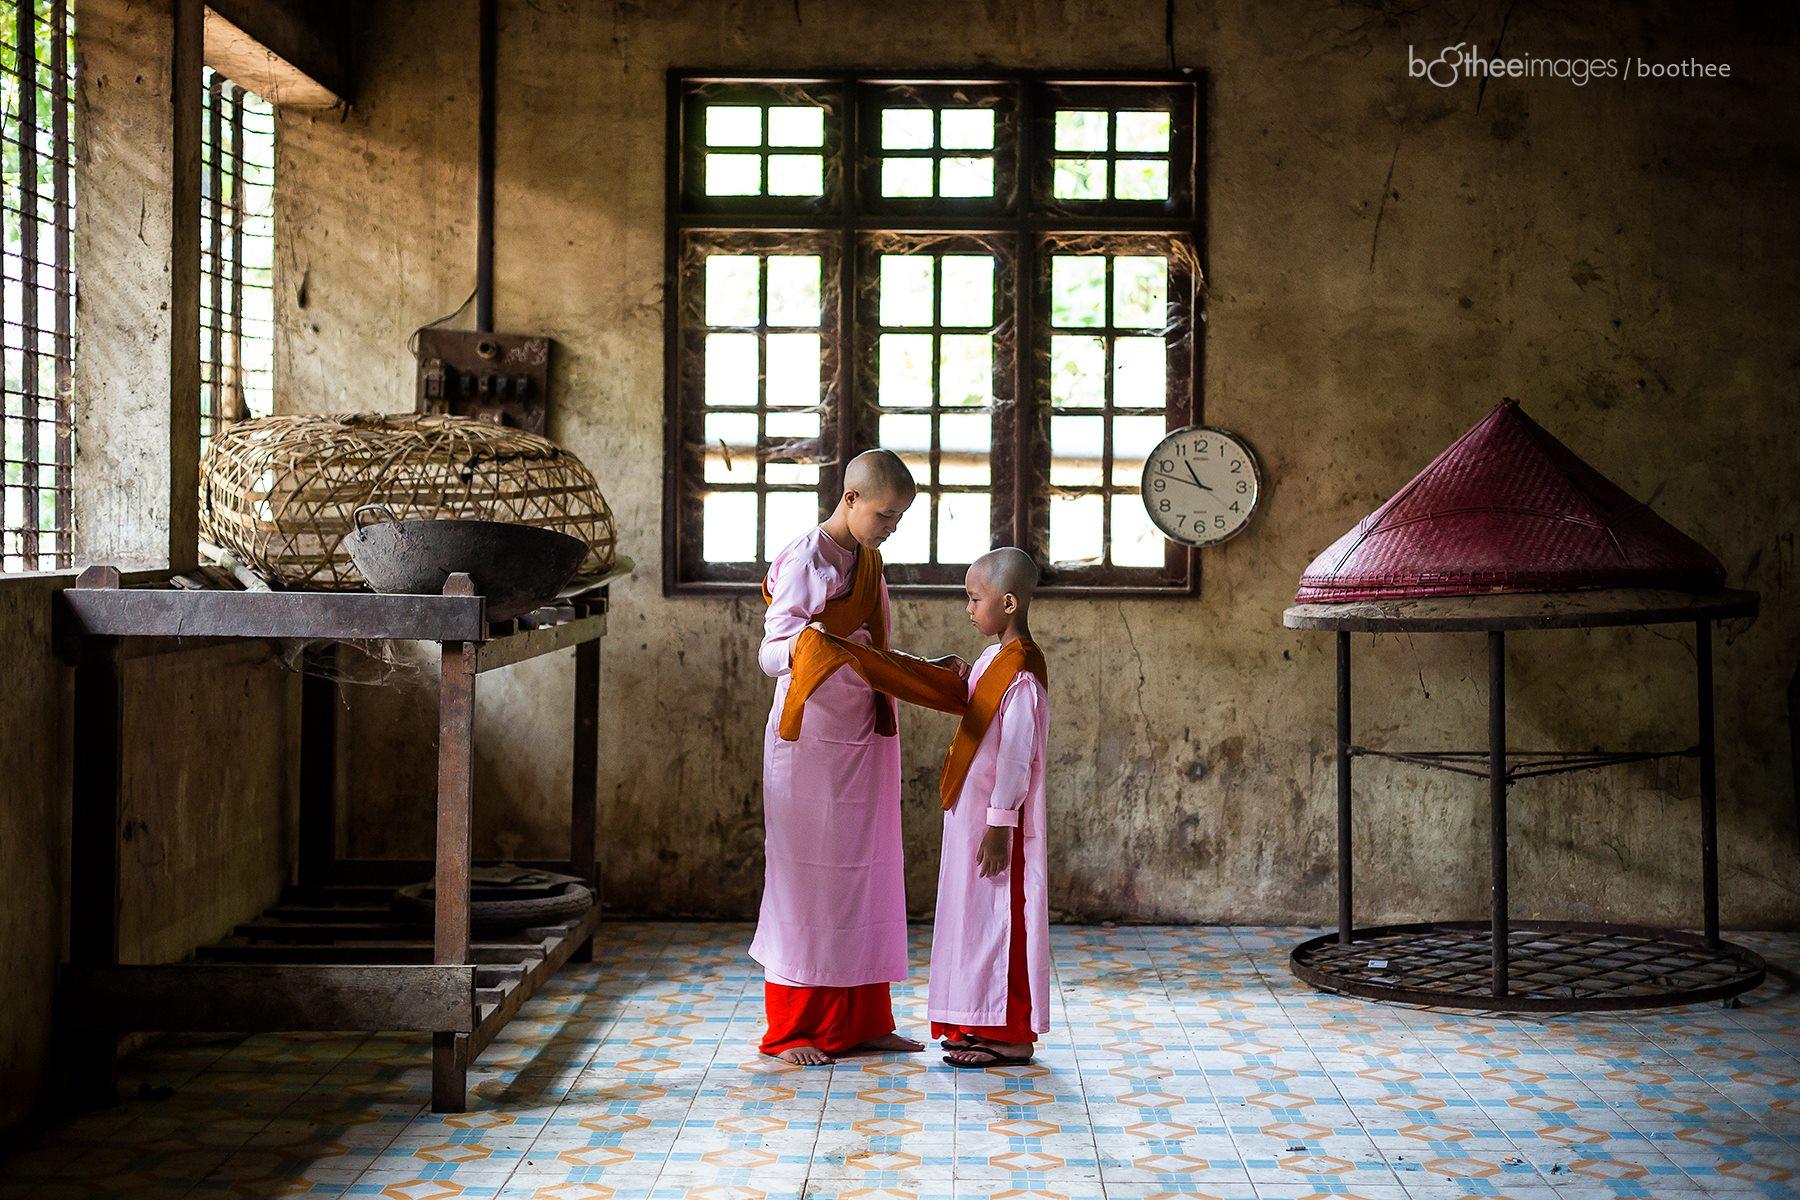 Boothe Thaik Htun is a Burmese photojournalist